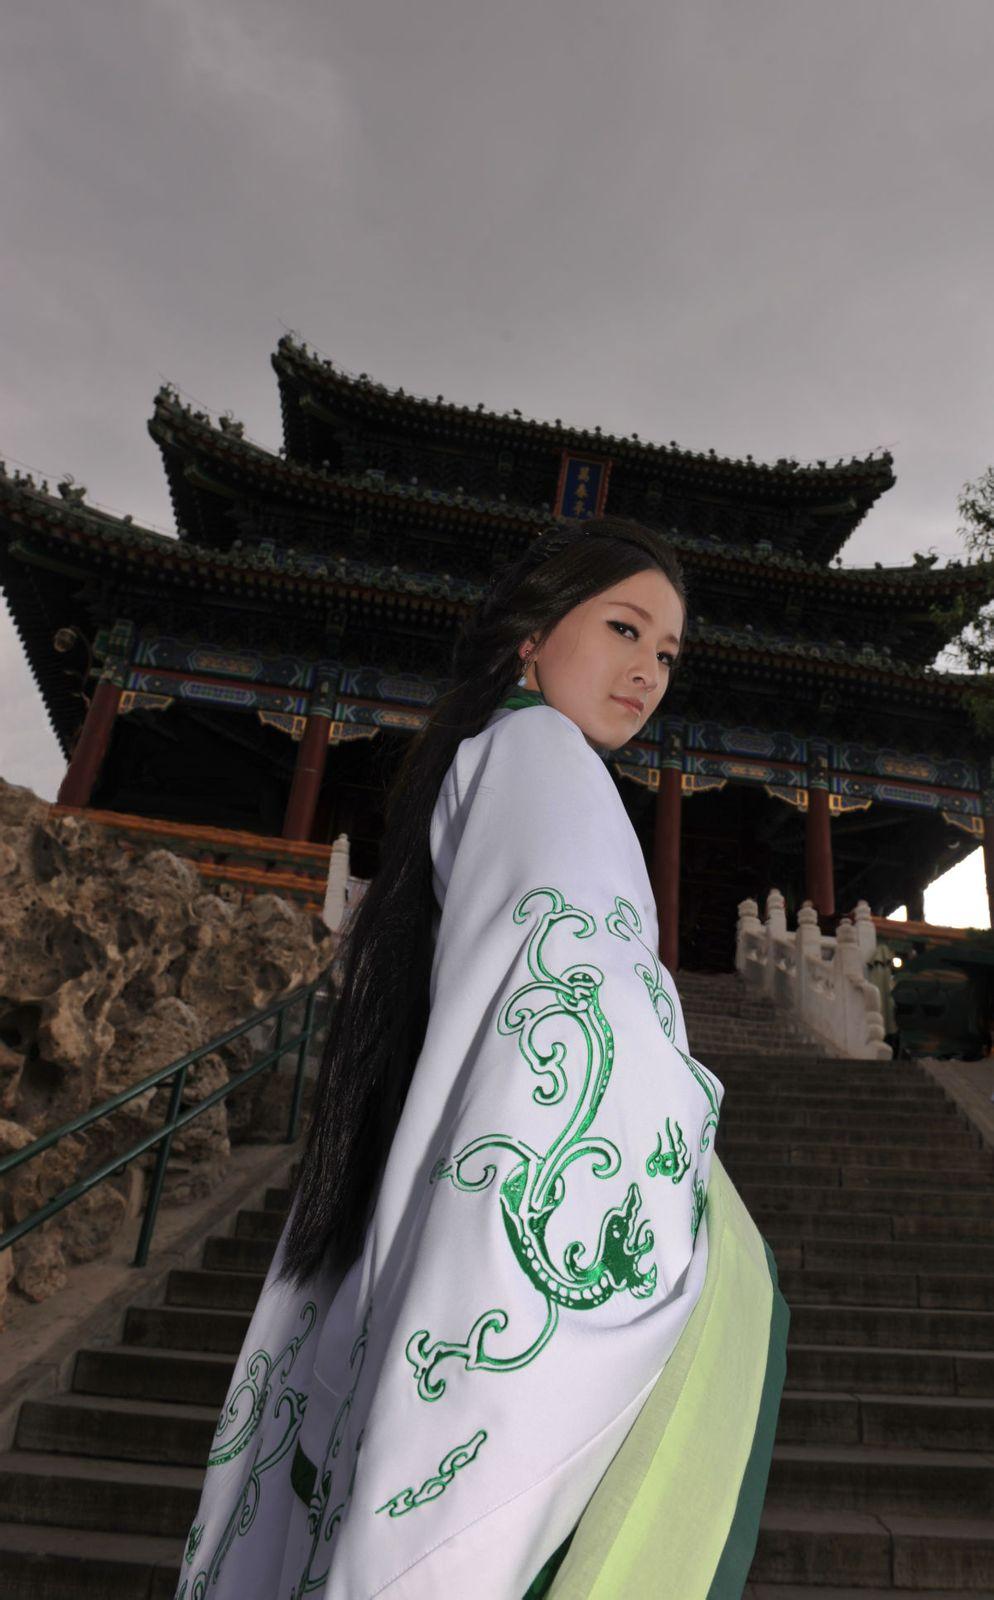 华文明的汉服美女吗?